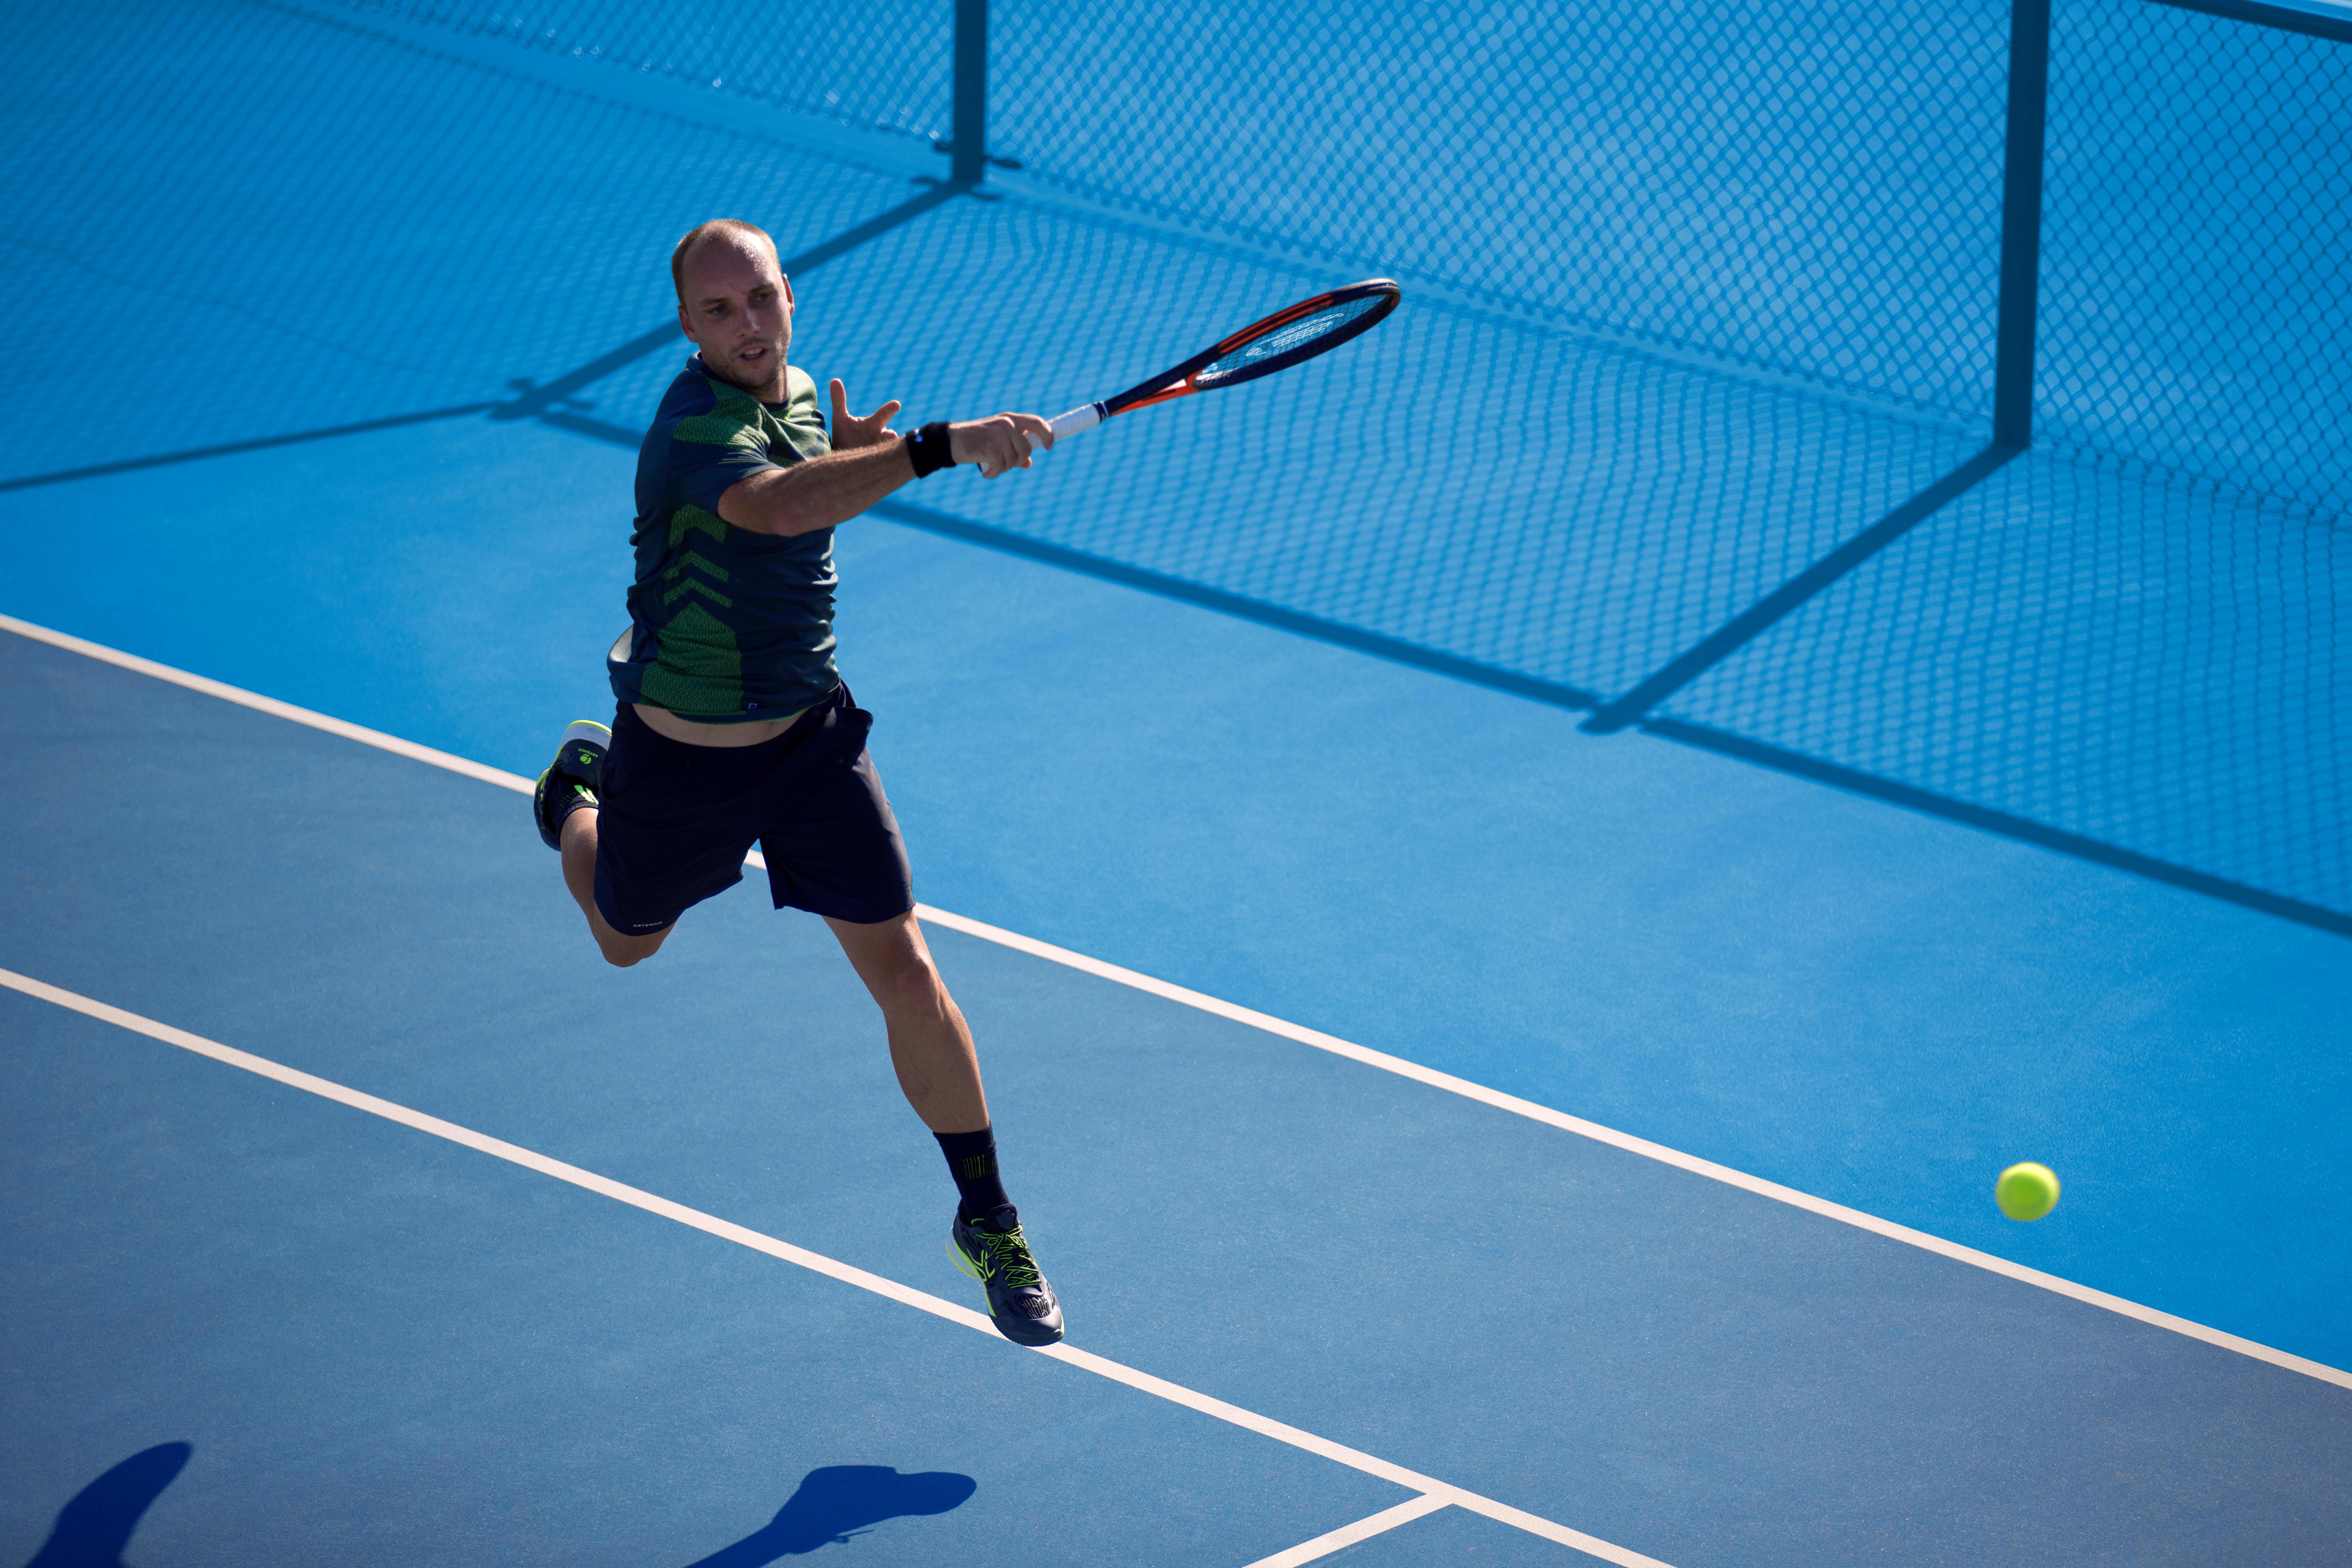 tenis sporunda diz sağlığı